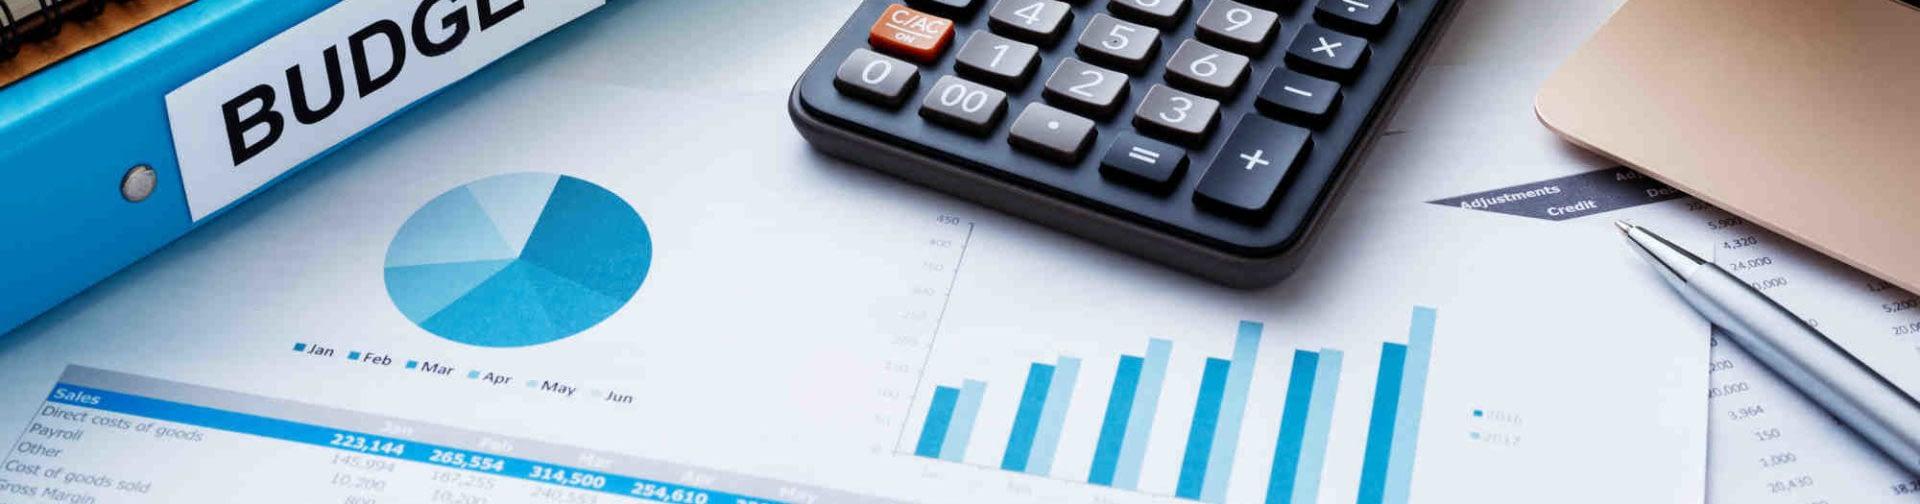 Budgetter og budgetopfølgning